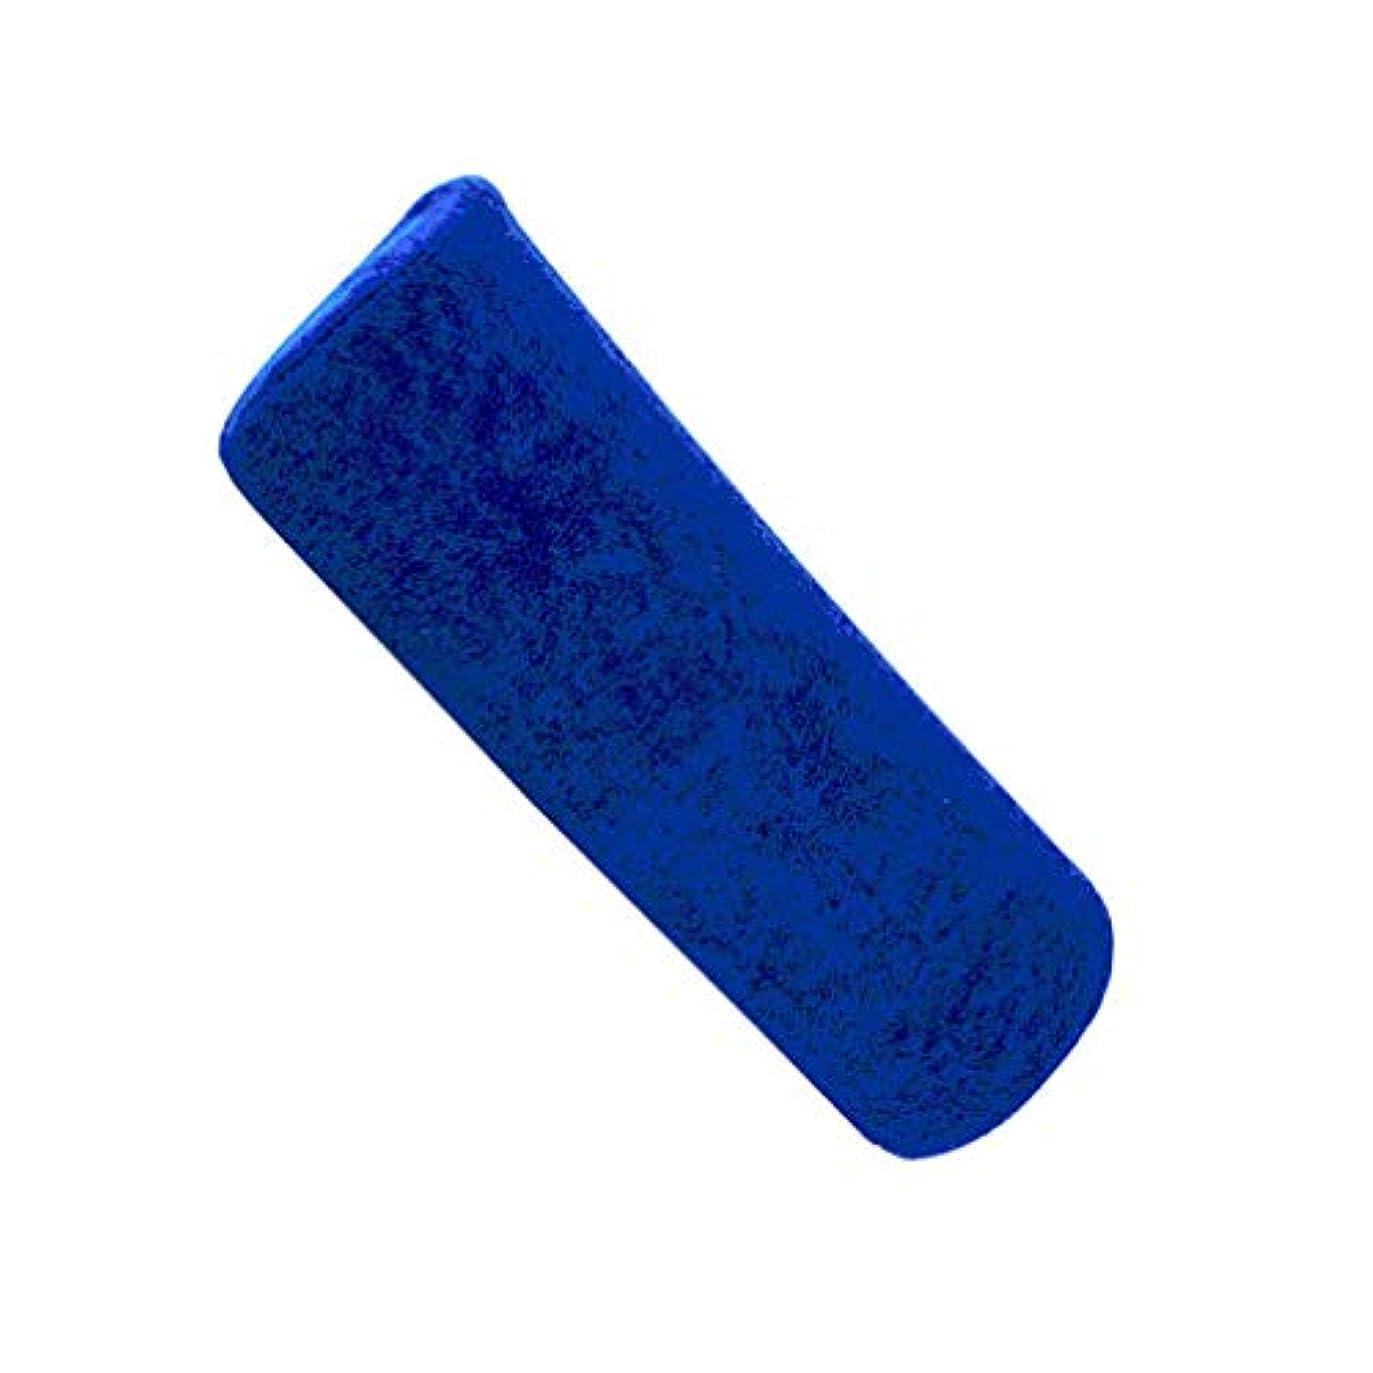 バストゆでるバルーン1st market プレミアムマニキュアショップソフトハンドレストクッション枕ネイルアートデザインマニキュアケアトリートメントサロンツールロイヤルブルー